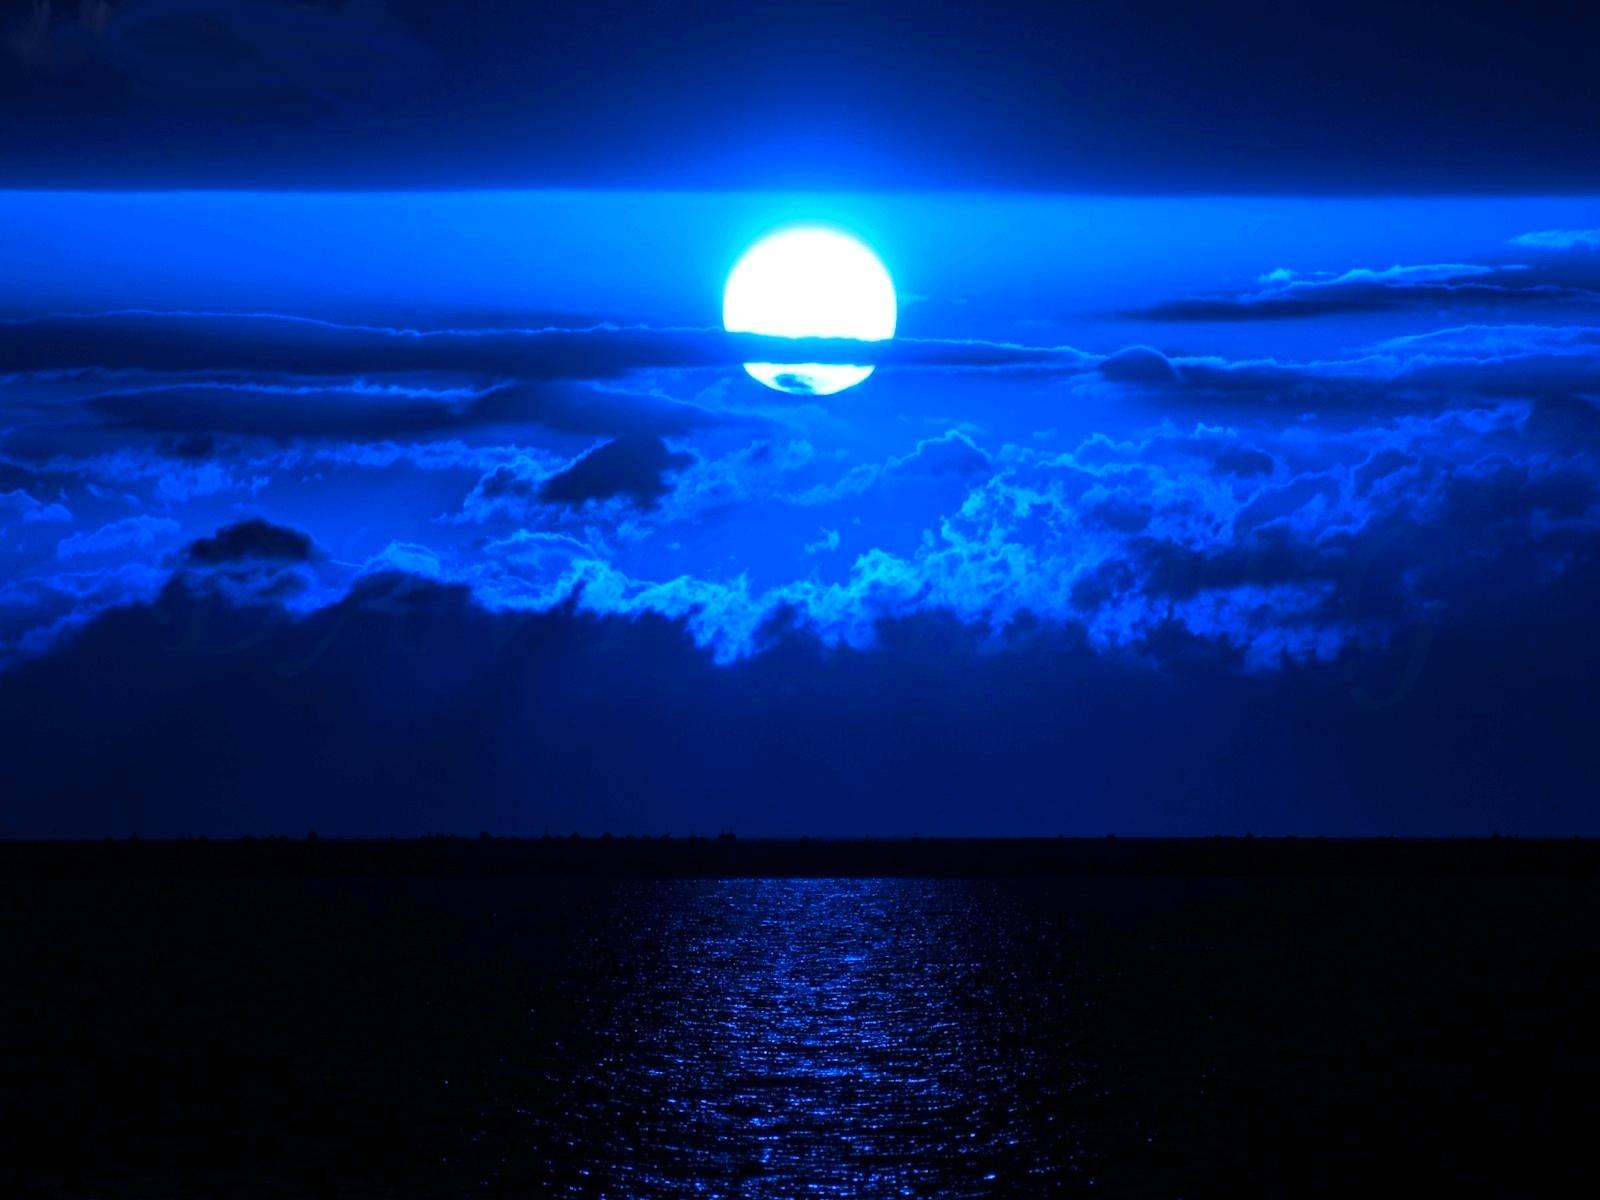 A Lua E Os Oceanos Entenda O Fenomeno Mar Sem Fim